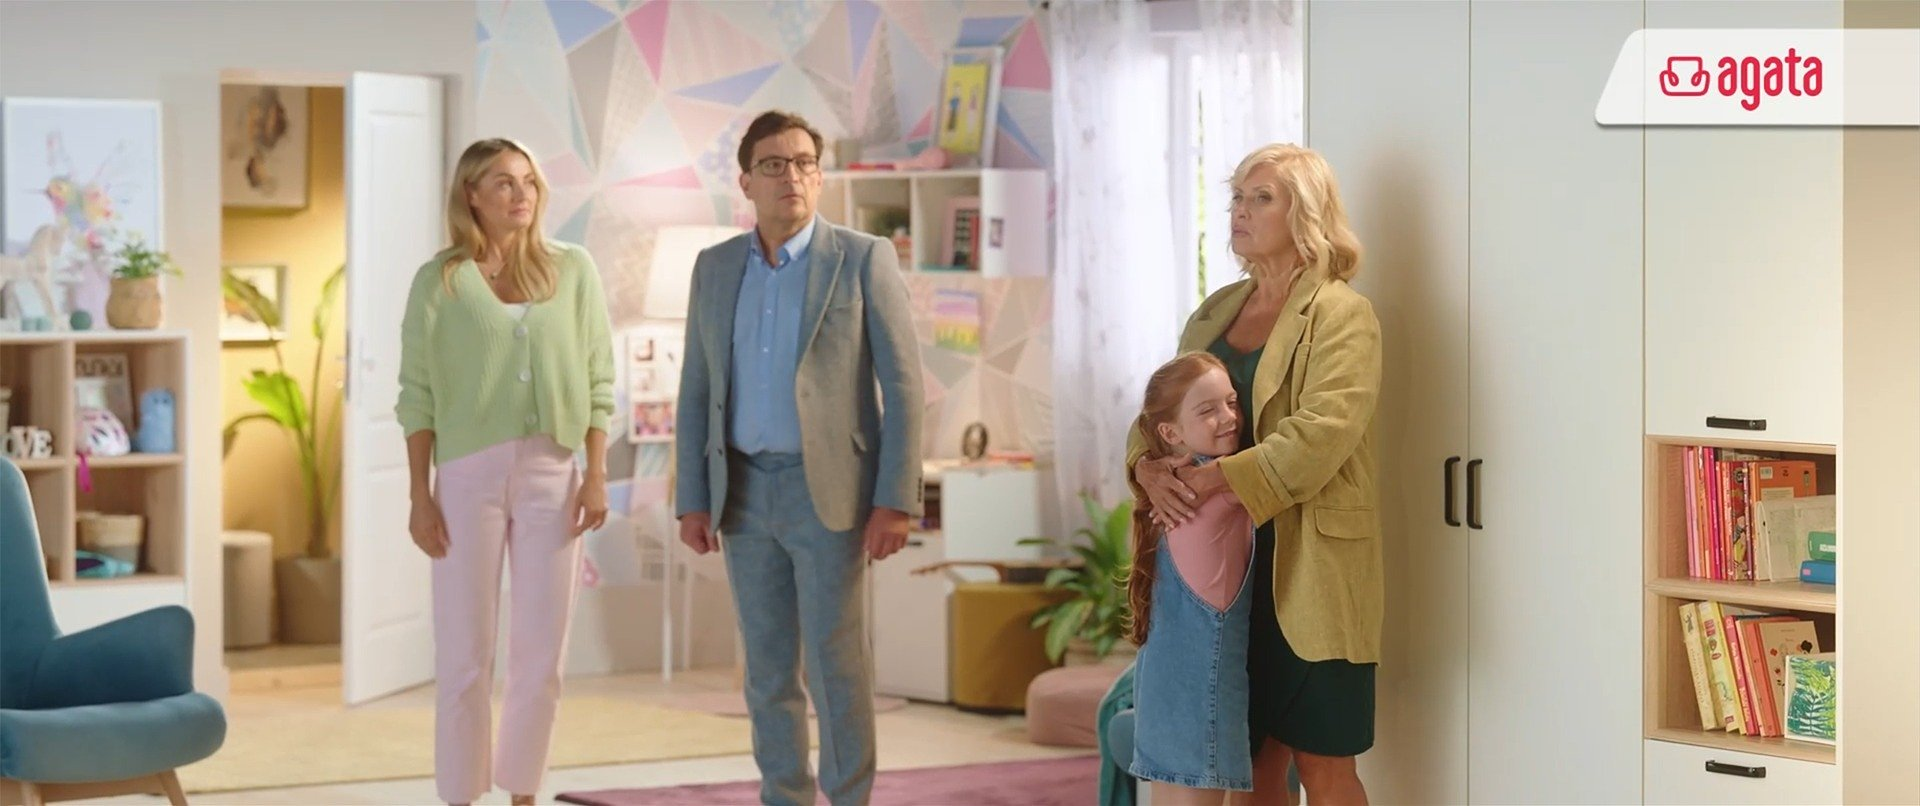 Salony Agata z nowym spotem reklamowym i kontynuacją kampanii z Ambasadorkami